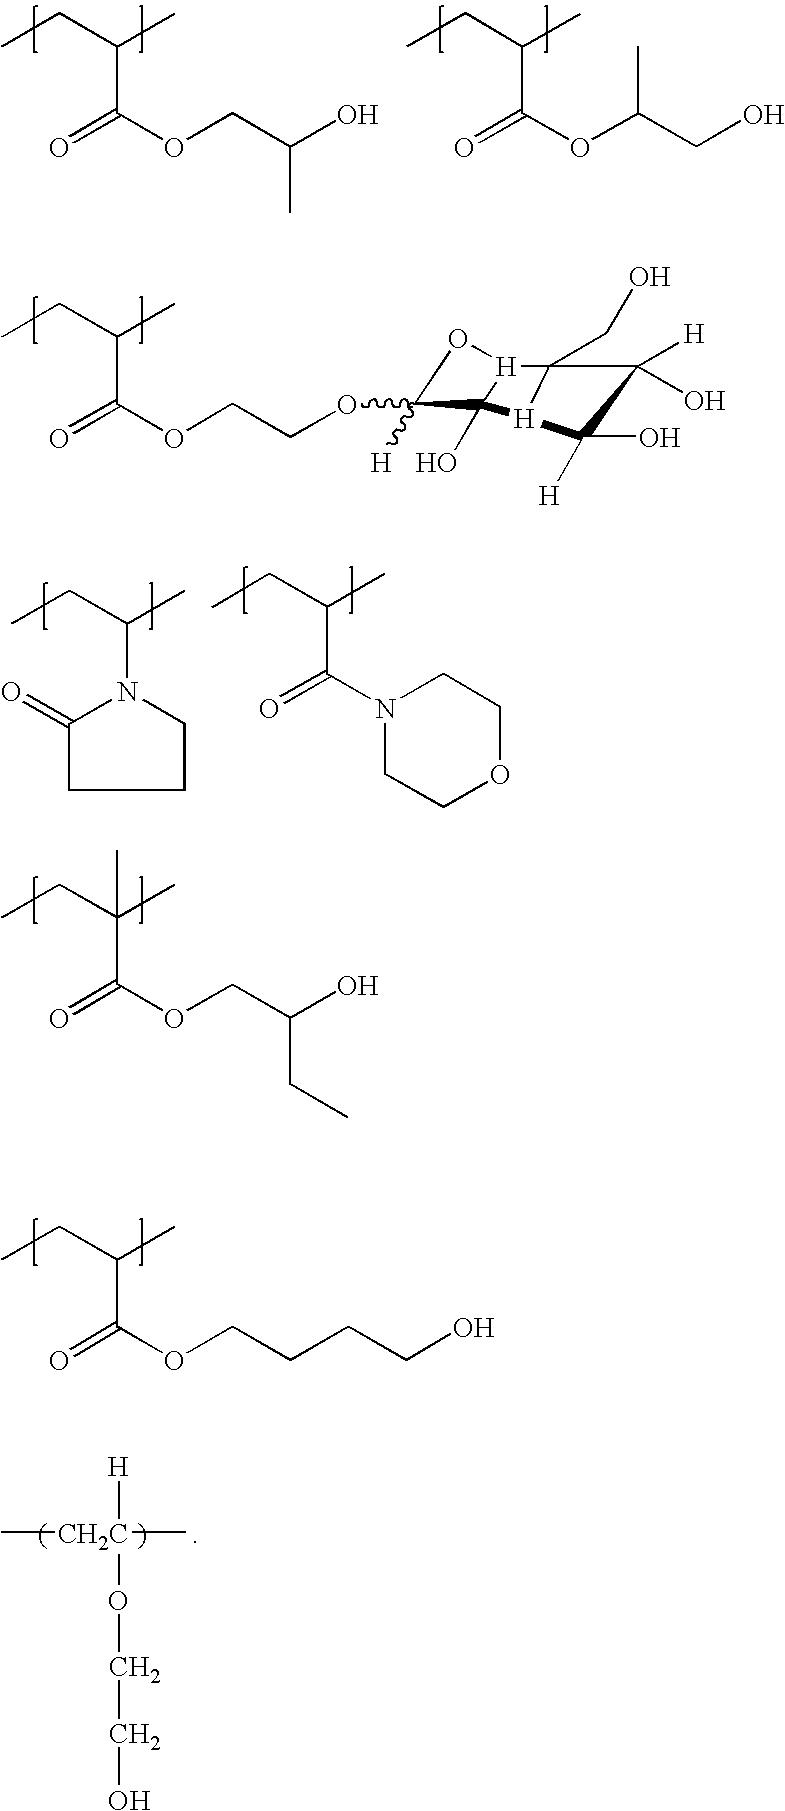 Figure US20080131393A1-20080605-C00033